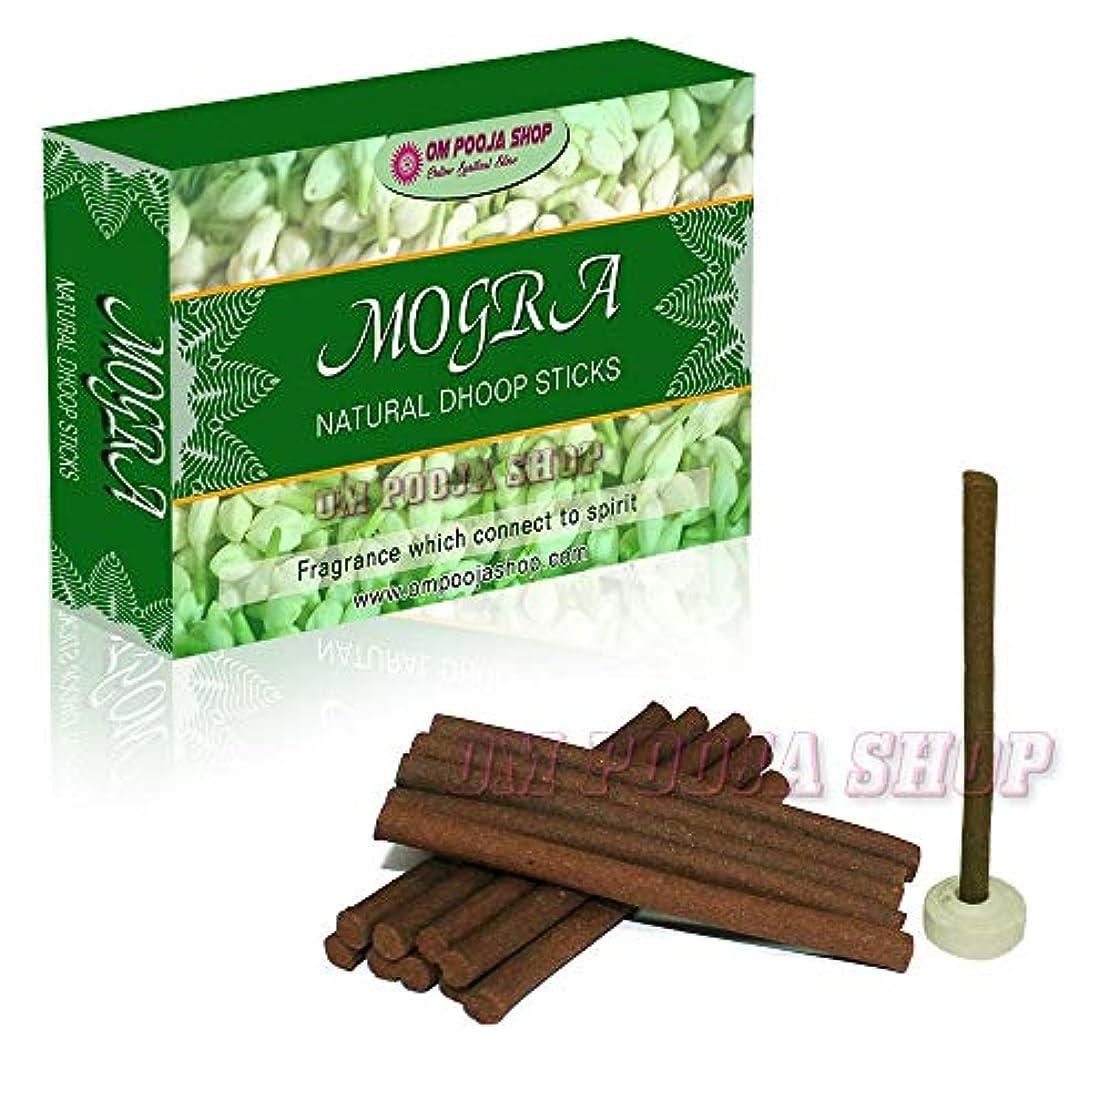 メイエラ形式着替えるOm Pooja Shop Mogra (ジャスミンの花) 天然のフープスティック 100本